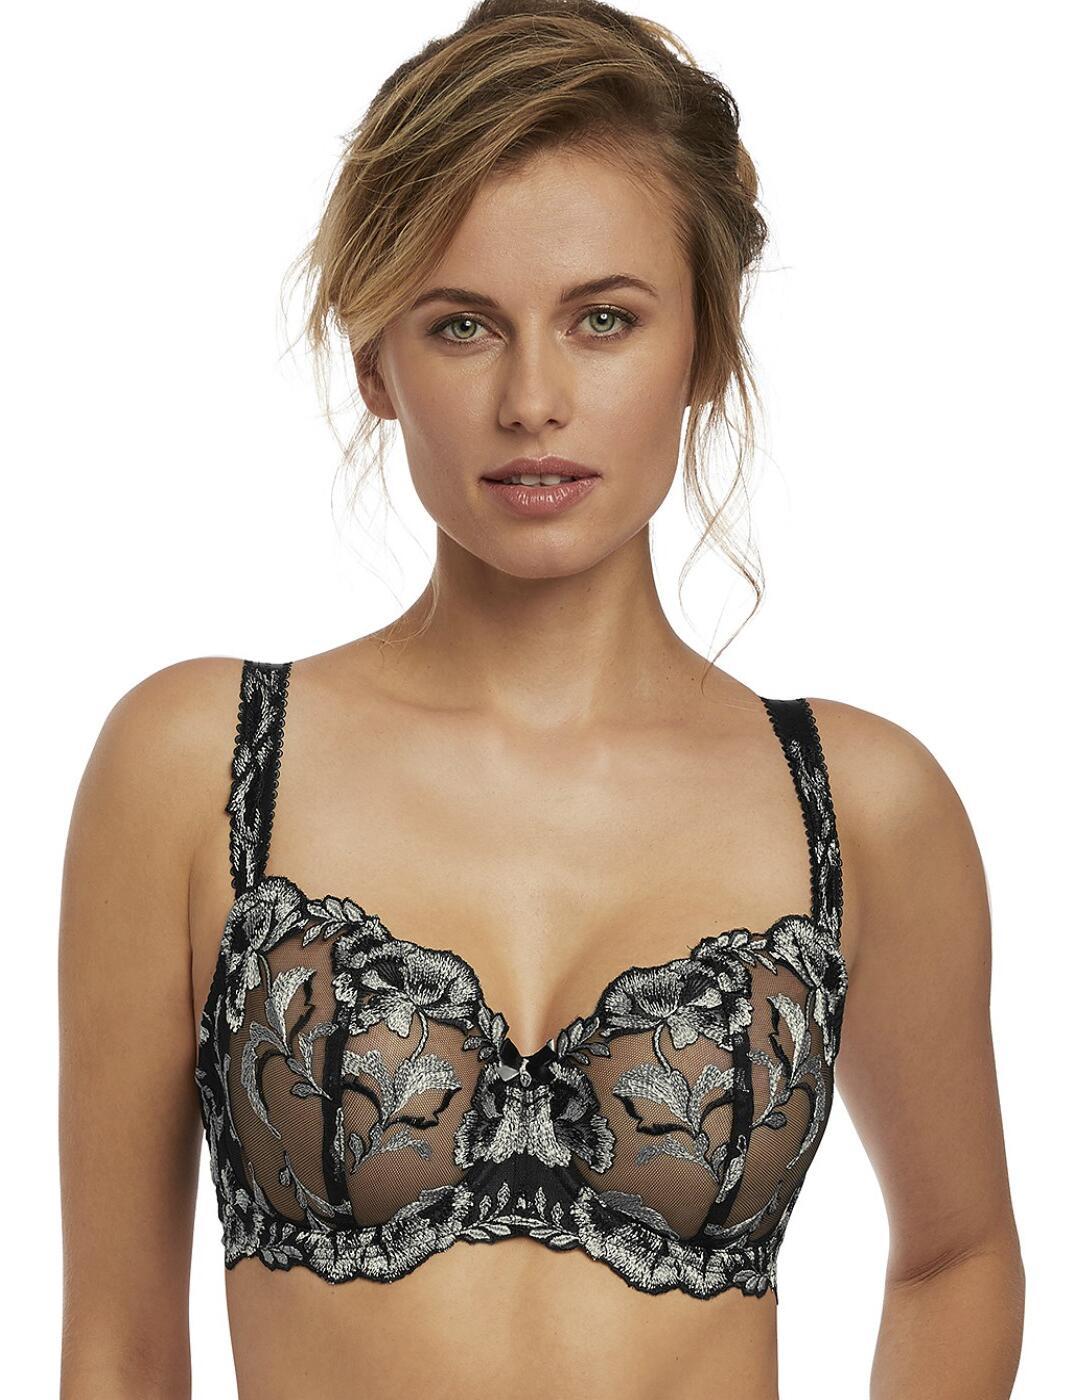 9551 Fantasie Angelina Underwired Vertical Seam Bra - 9551 Platinum